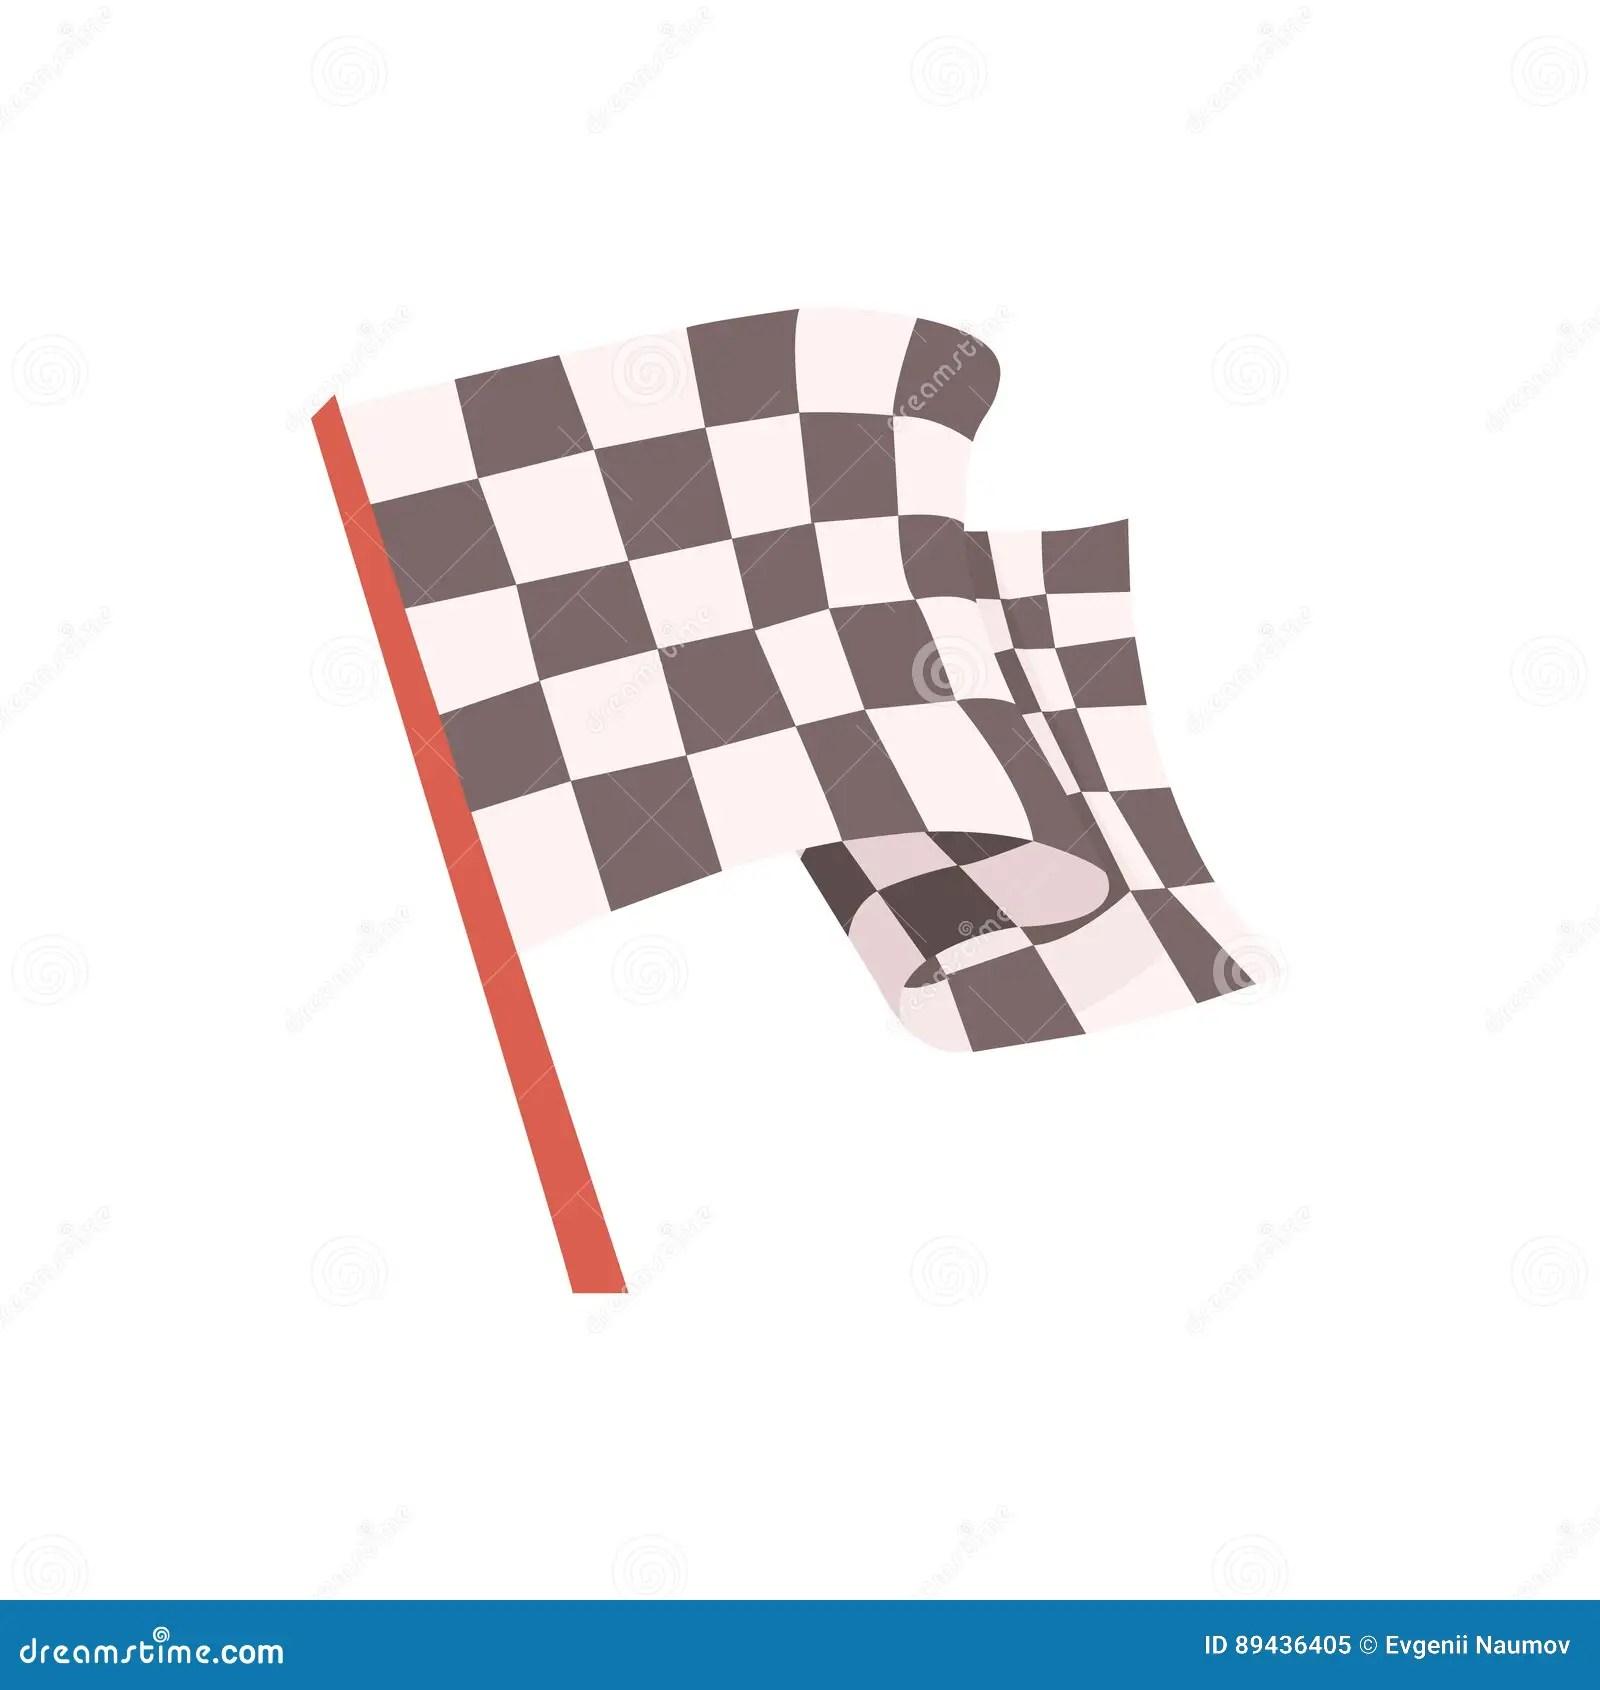 drapeau a carreaux pour le signal de depart de course emballant la piece relative d